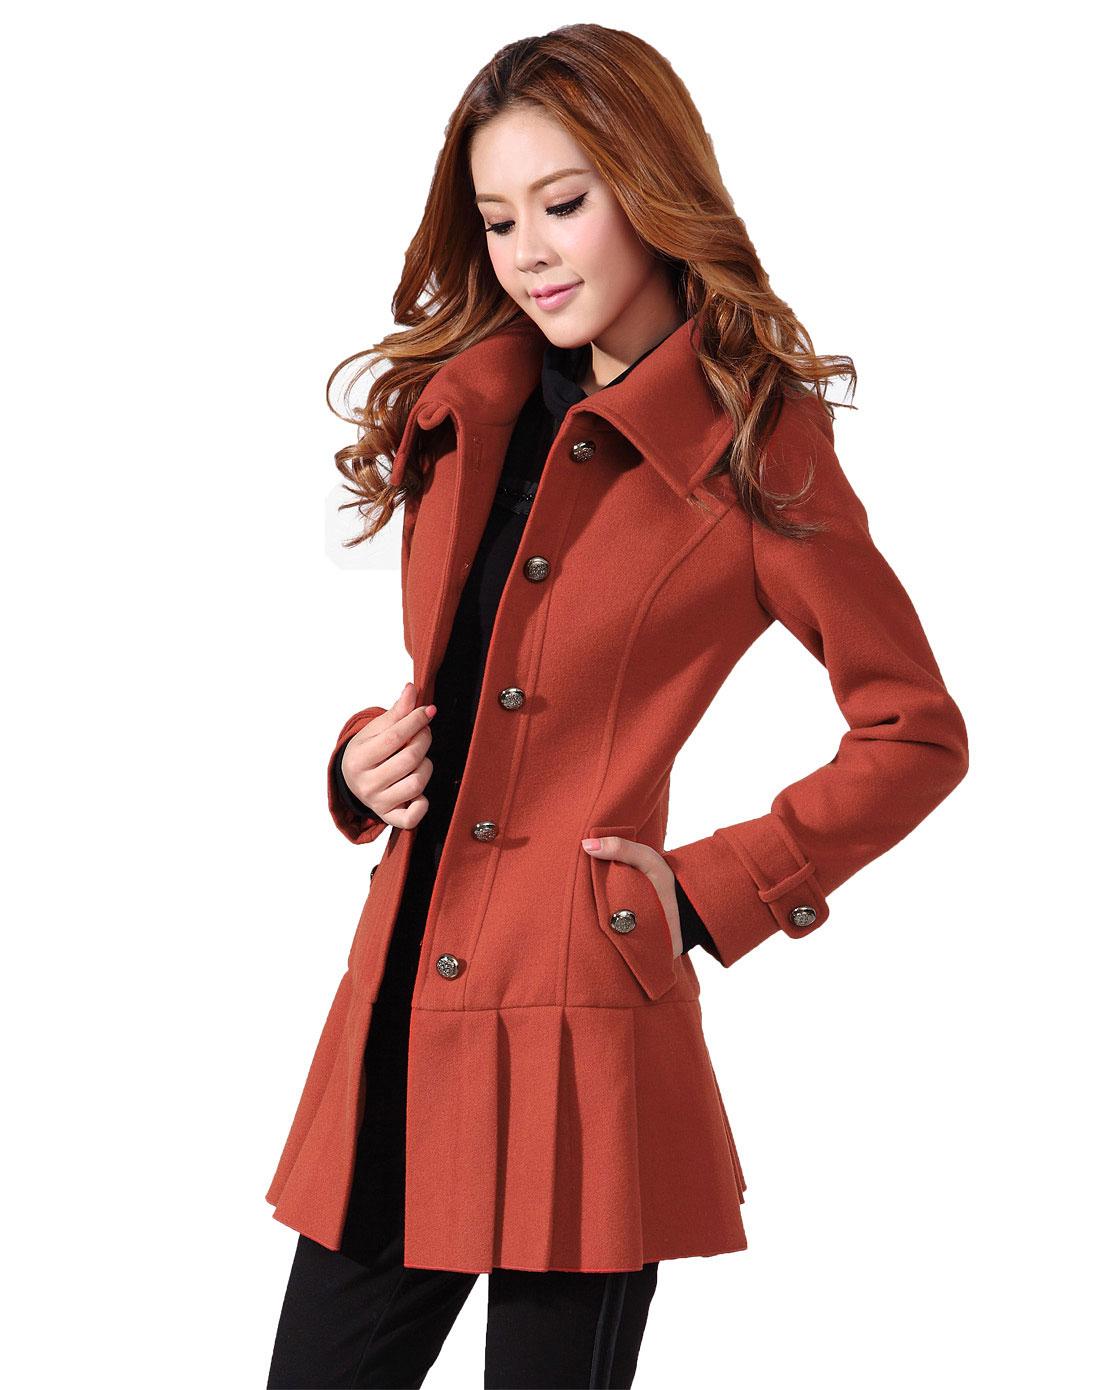 �9�+��ky����a_sa女橙红色时尚修身裙摆式大衣sd237364010a_唯品会